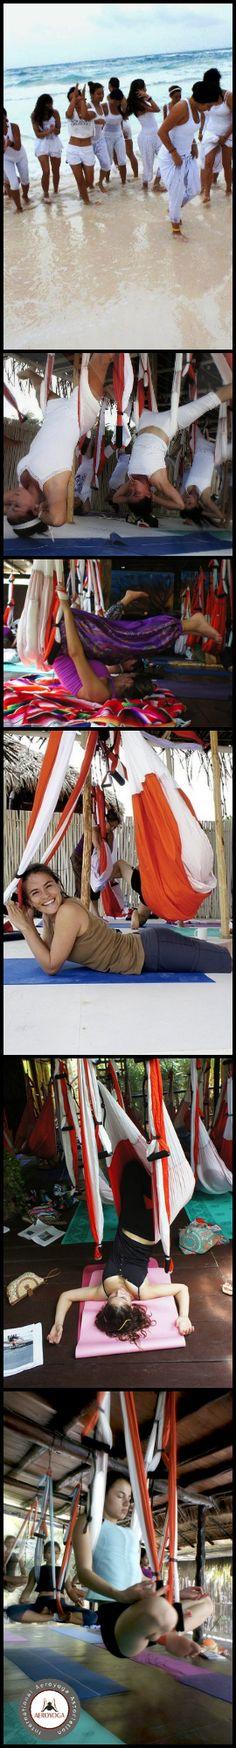 aero yoga, aeroyoga Clases de Aero Yoga en Madrid, Belleza y bienestar www.aeroyoga.es